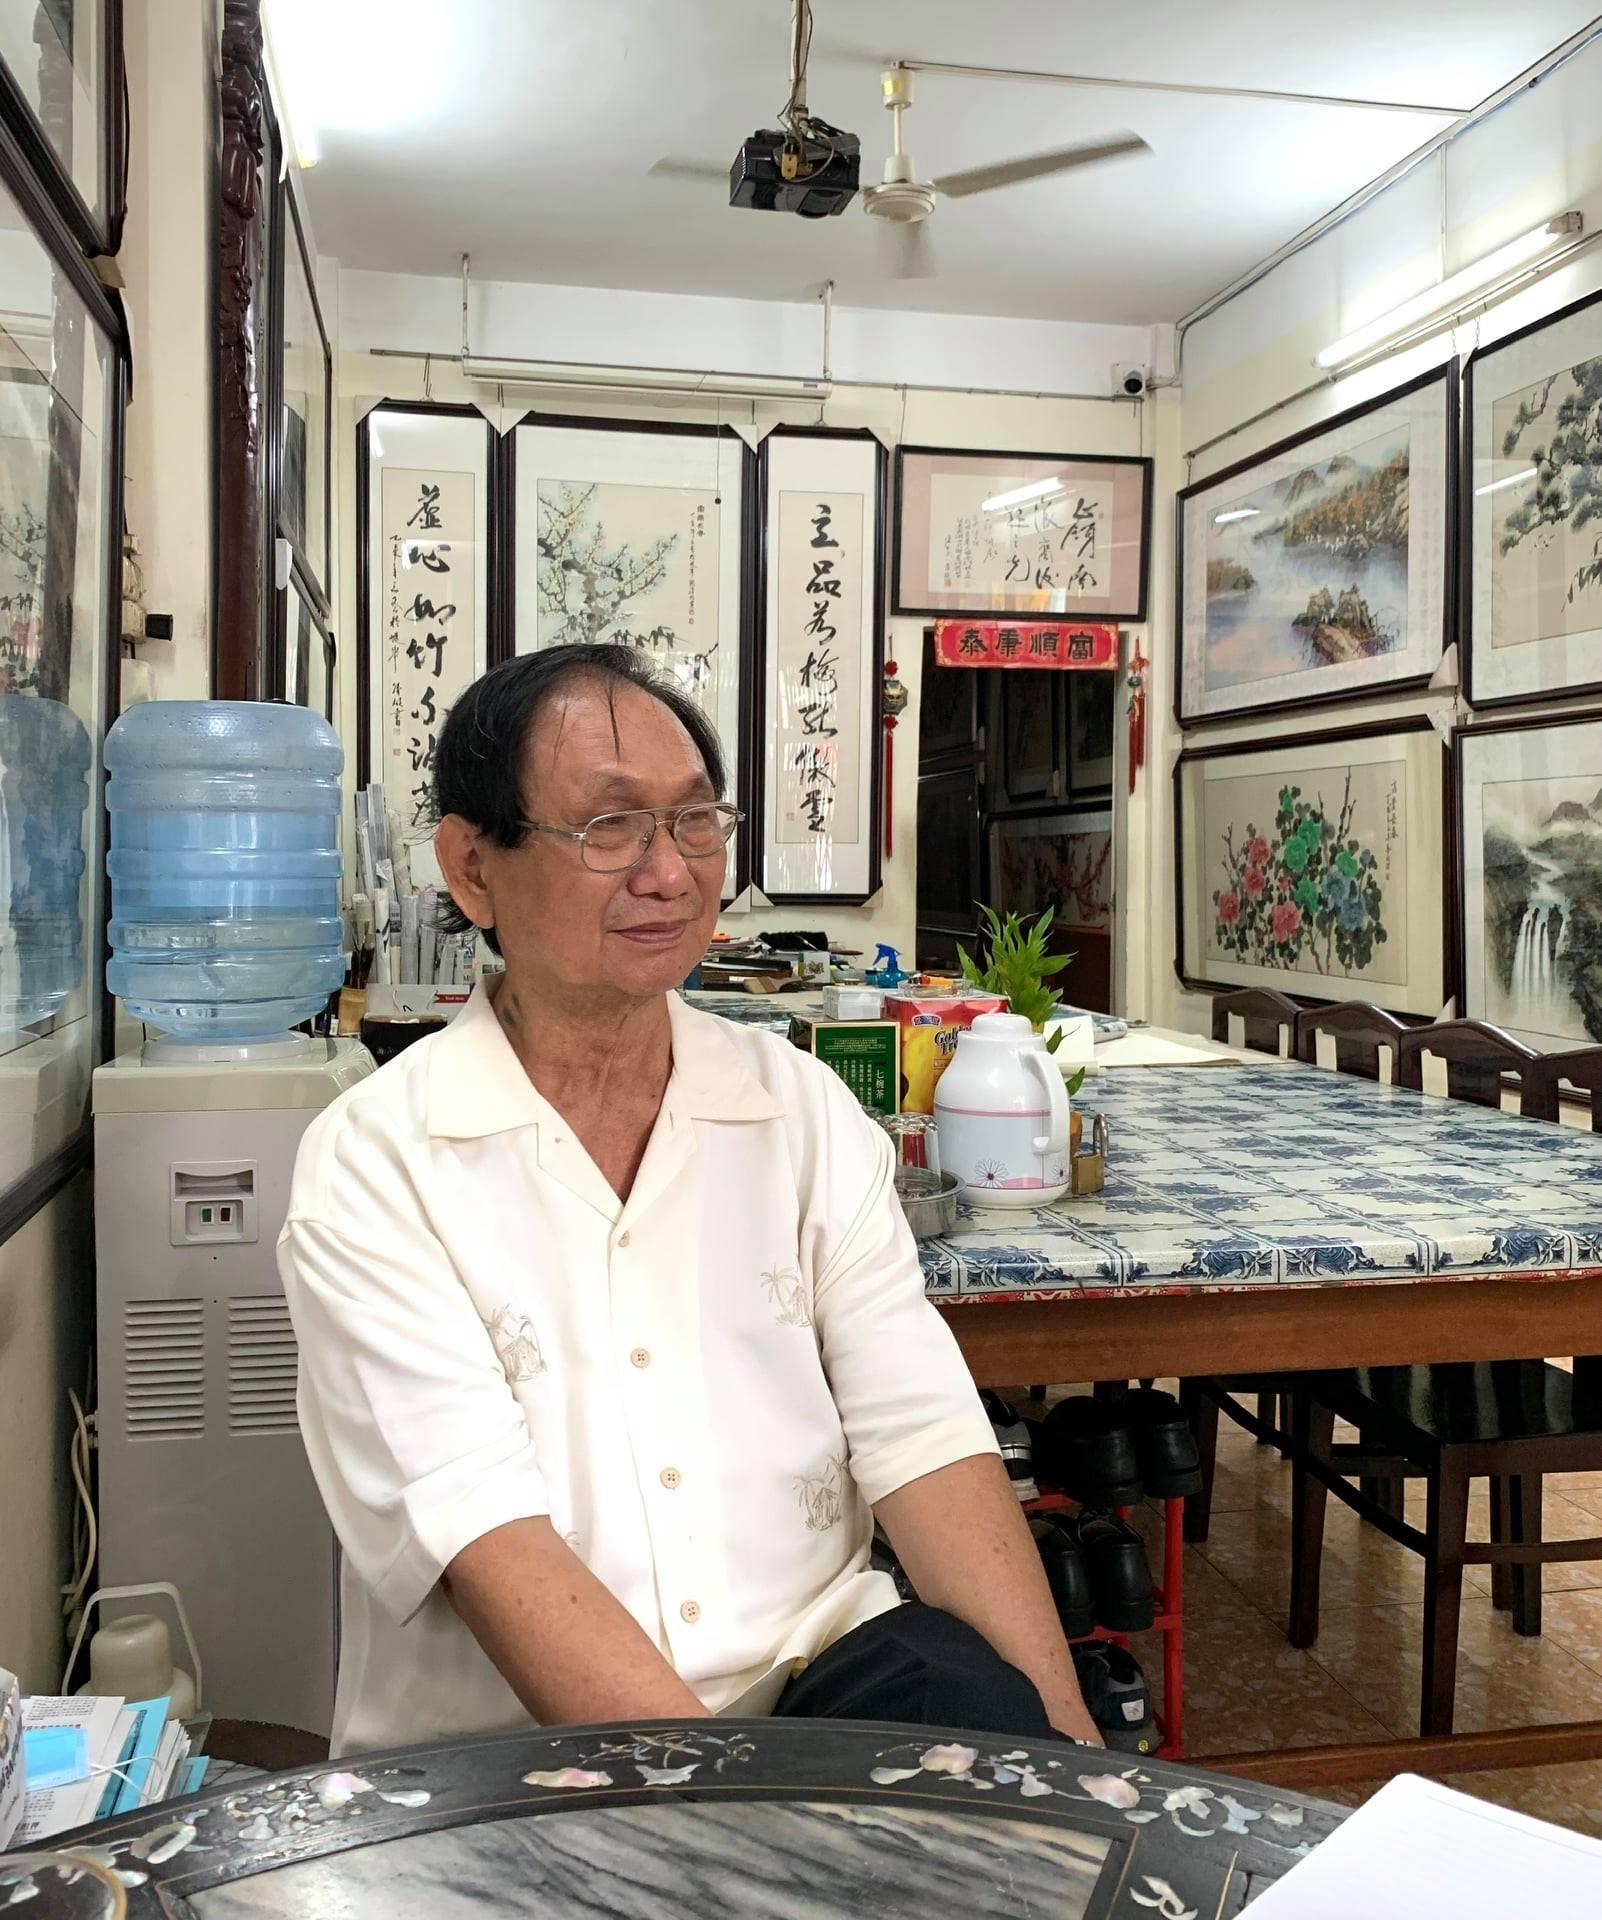 Hoạ sĩ Trương Hán Minh là thầy của nhiều học trò